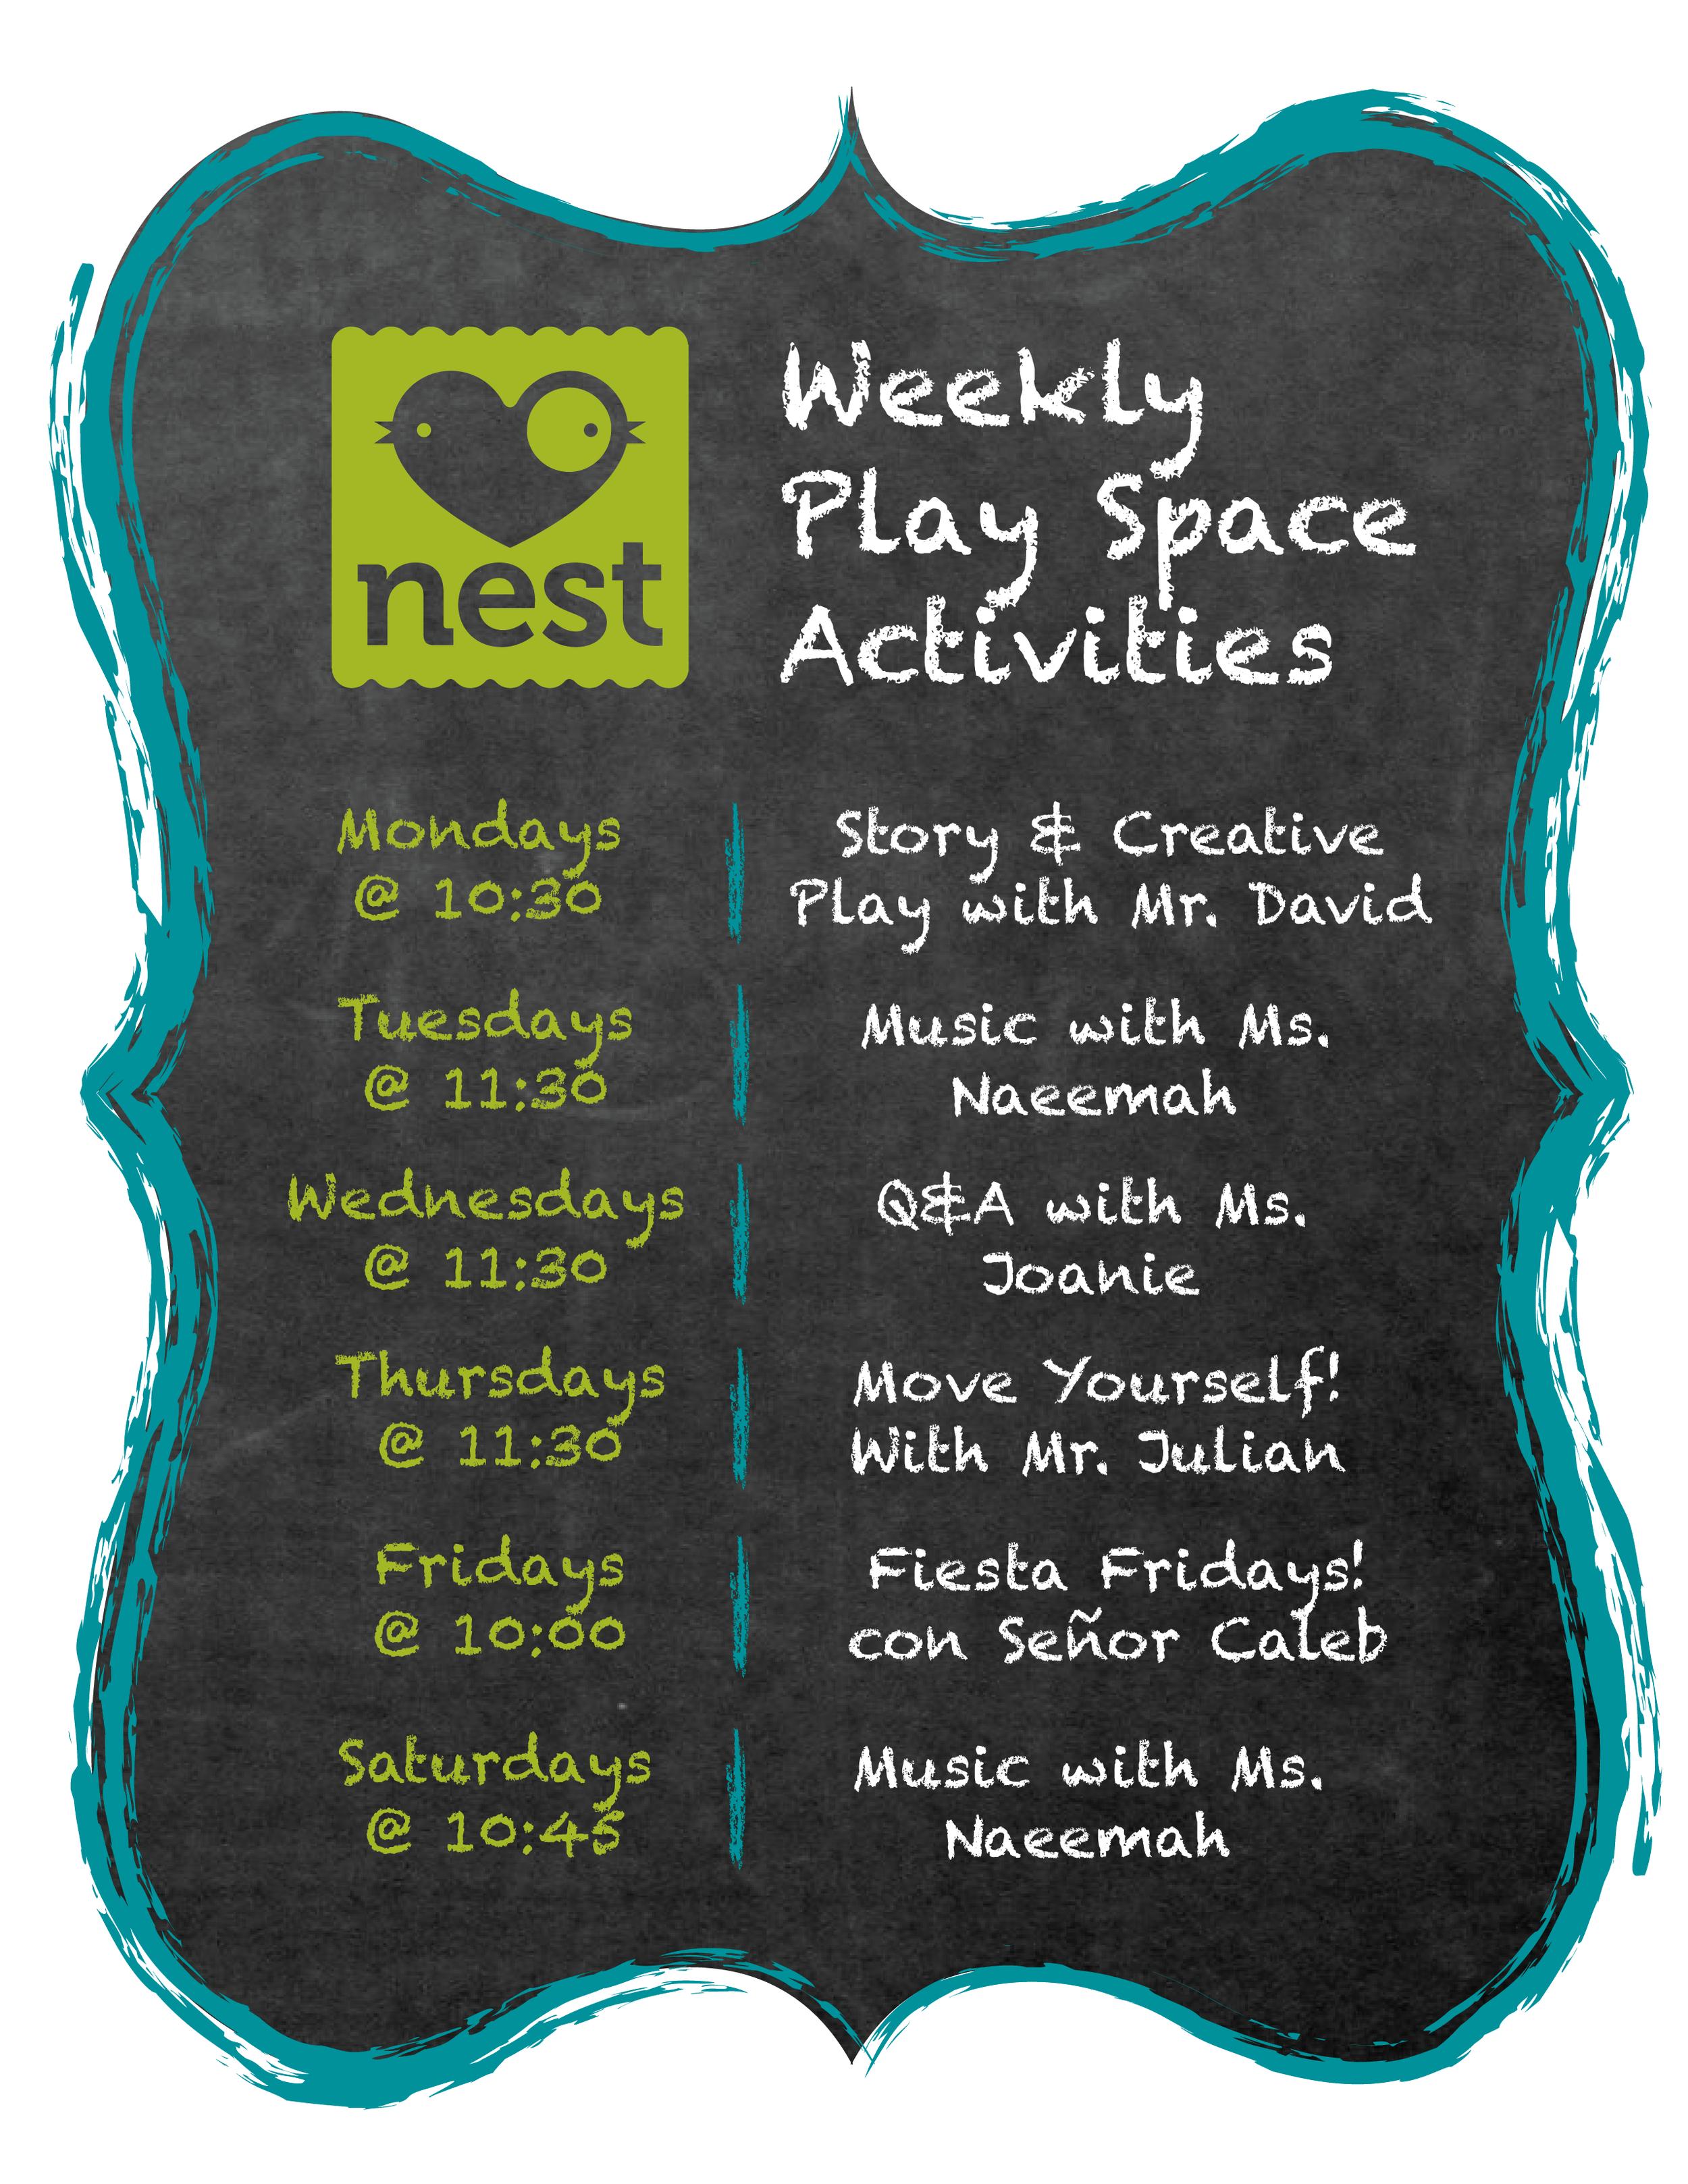 WeeklyPlayspaceActivities-03 copy-01.png